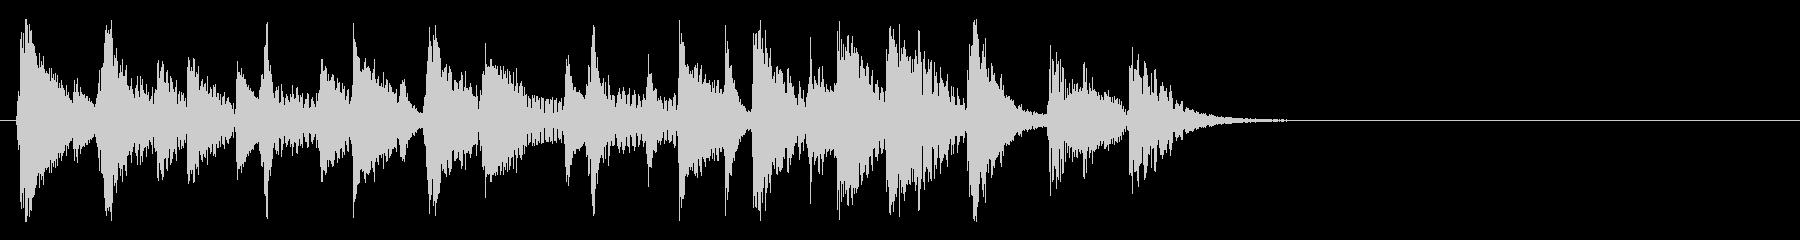 お洒落で洗練された短いジャズピアノ01の未再生の波形